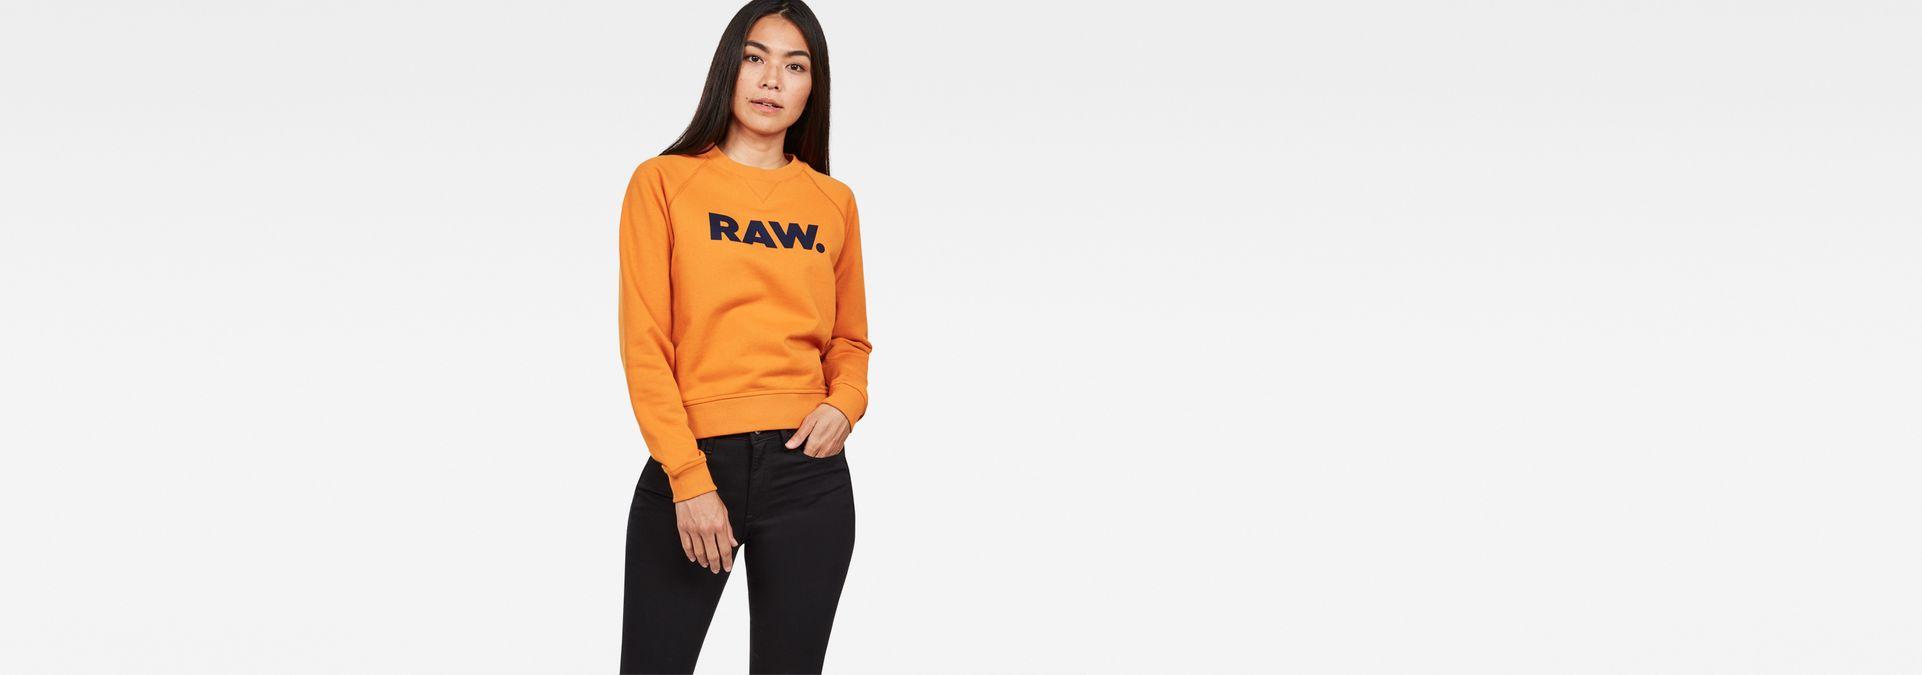 Xula New Art Sweater | Dore | Women | G Star RAW®